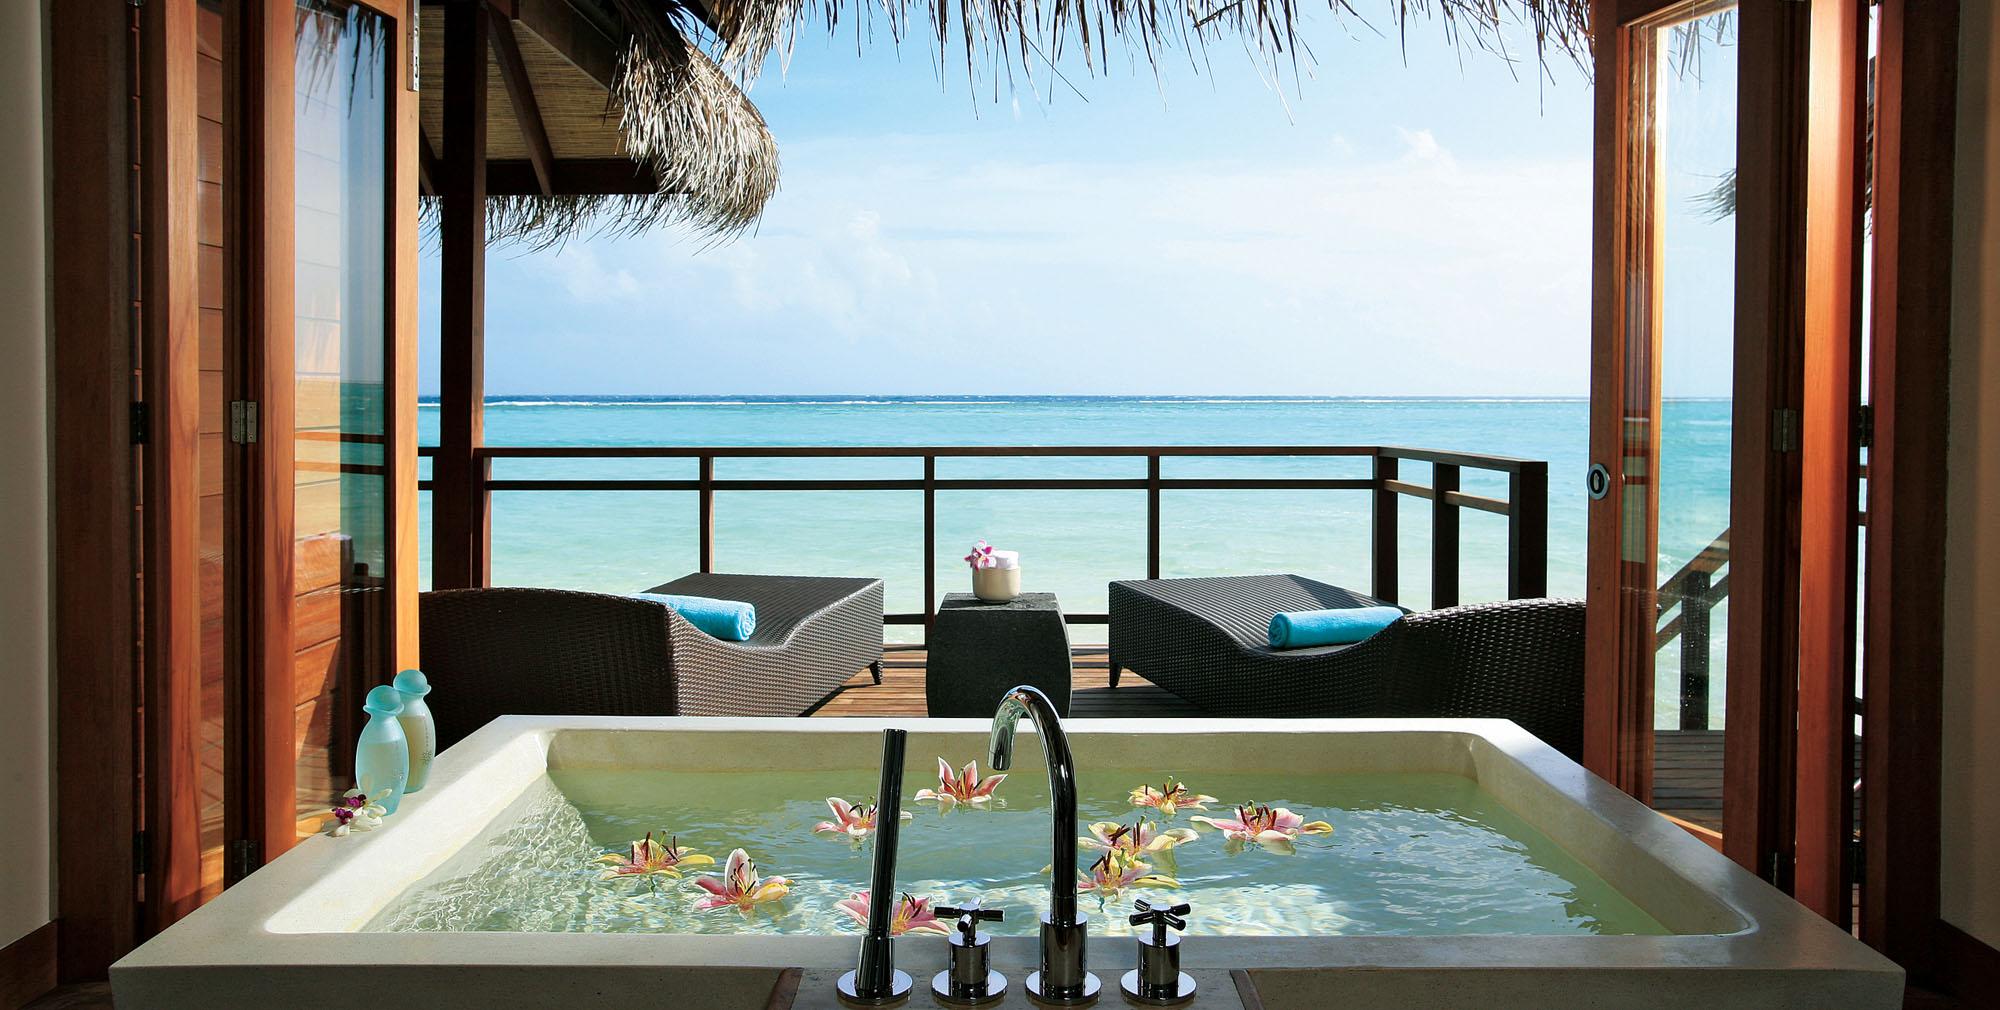 LUX-Maldives-33